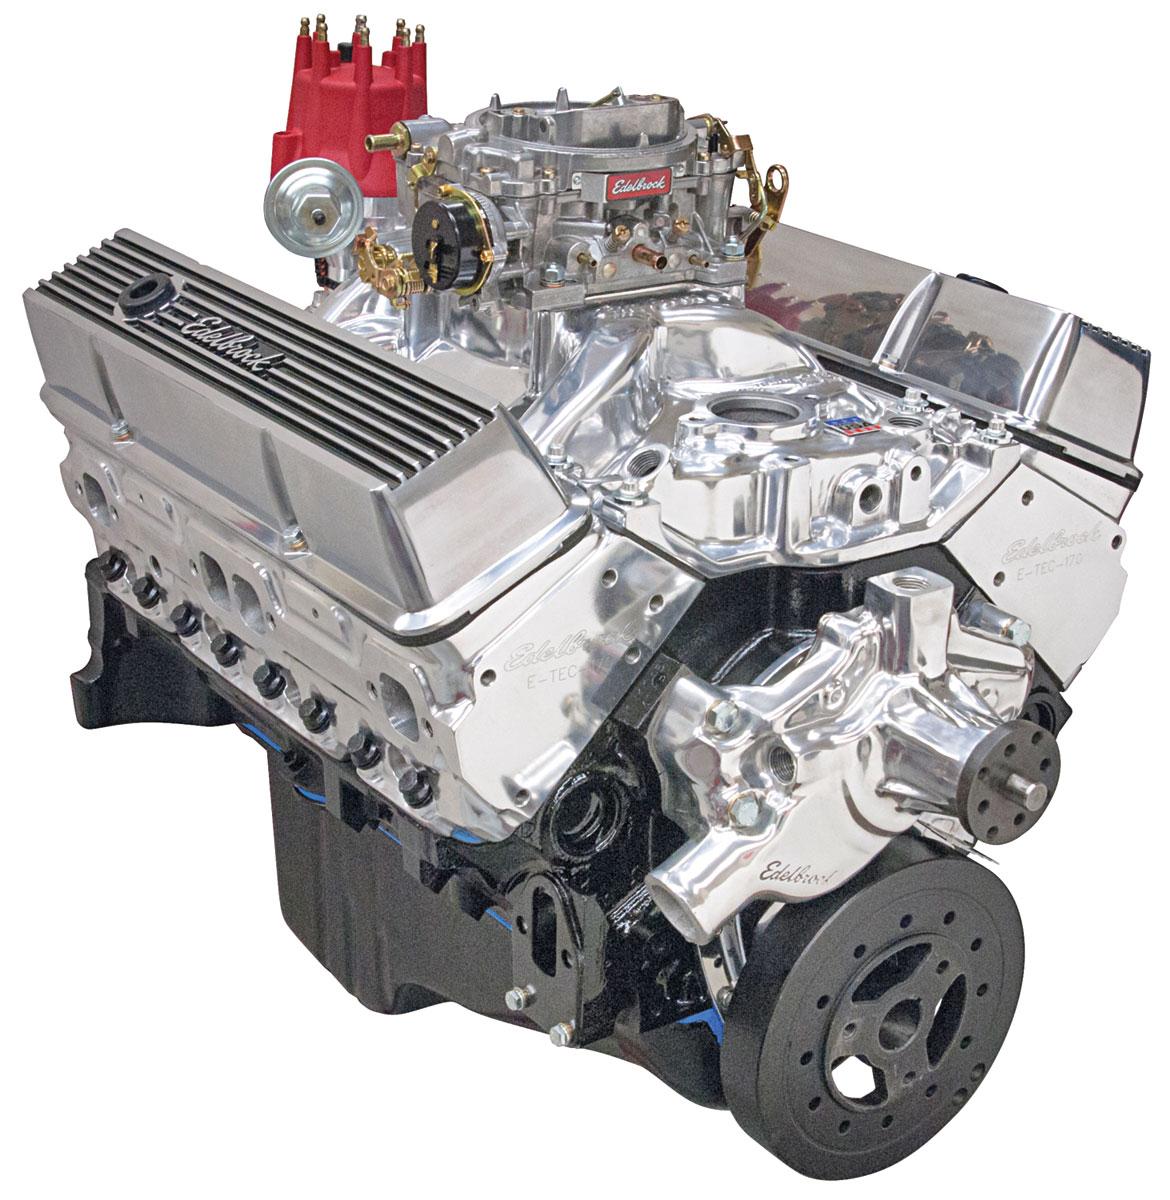 Photo of Crate Engine, Performer Hi-Torq, Edelbrock Short Water Pump polished